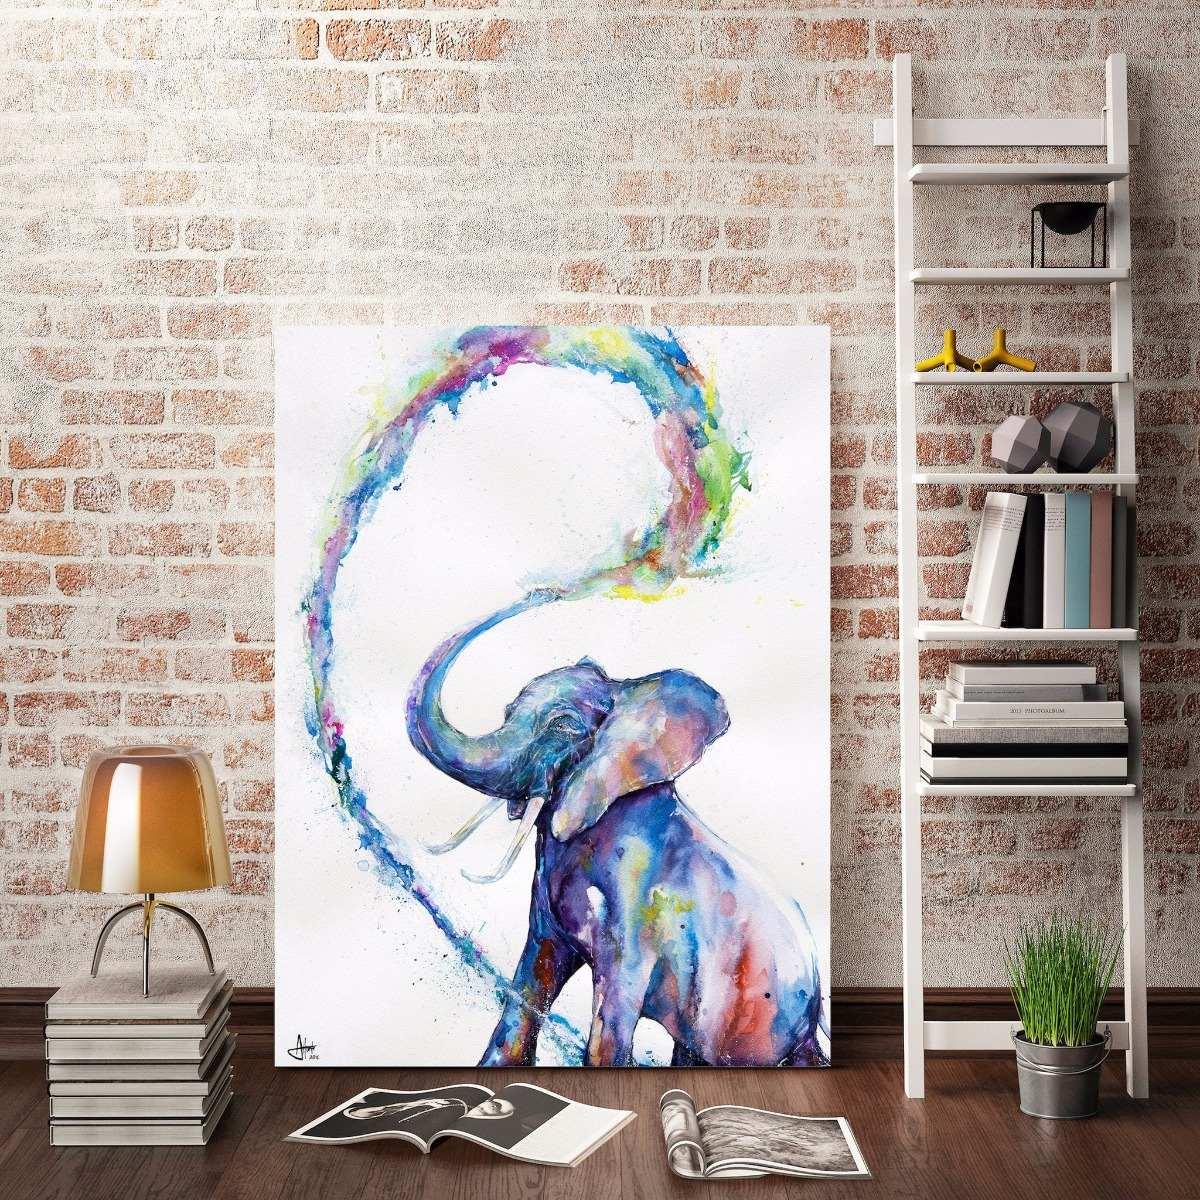 Cuadro elefante acuarela abstracto colores en lienzo for Tipos de arboles decorativos